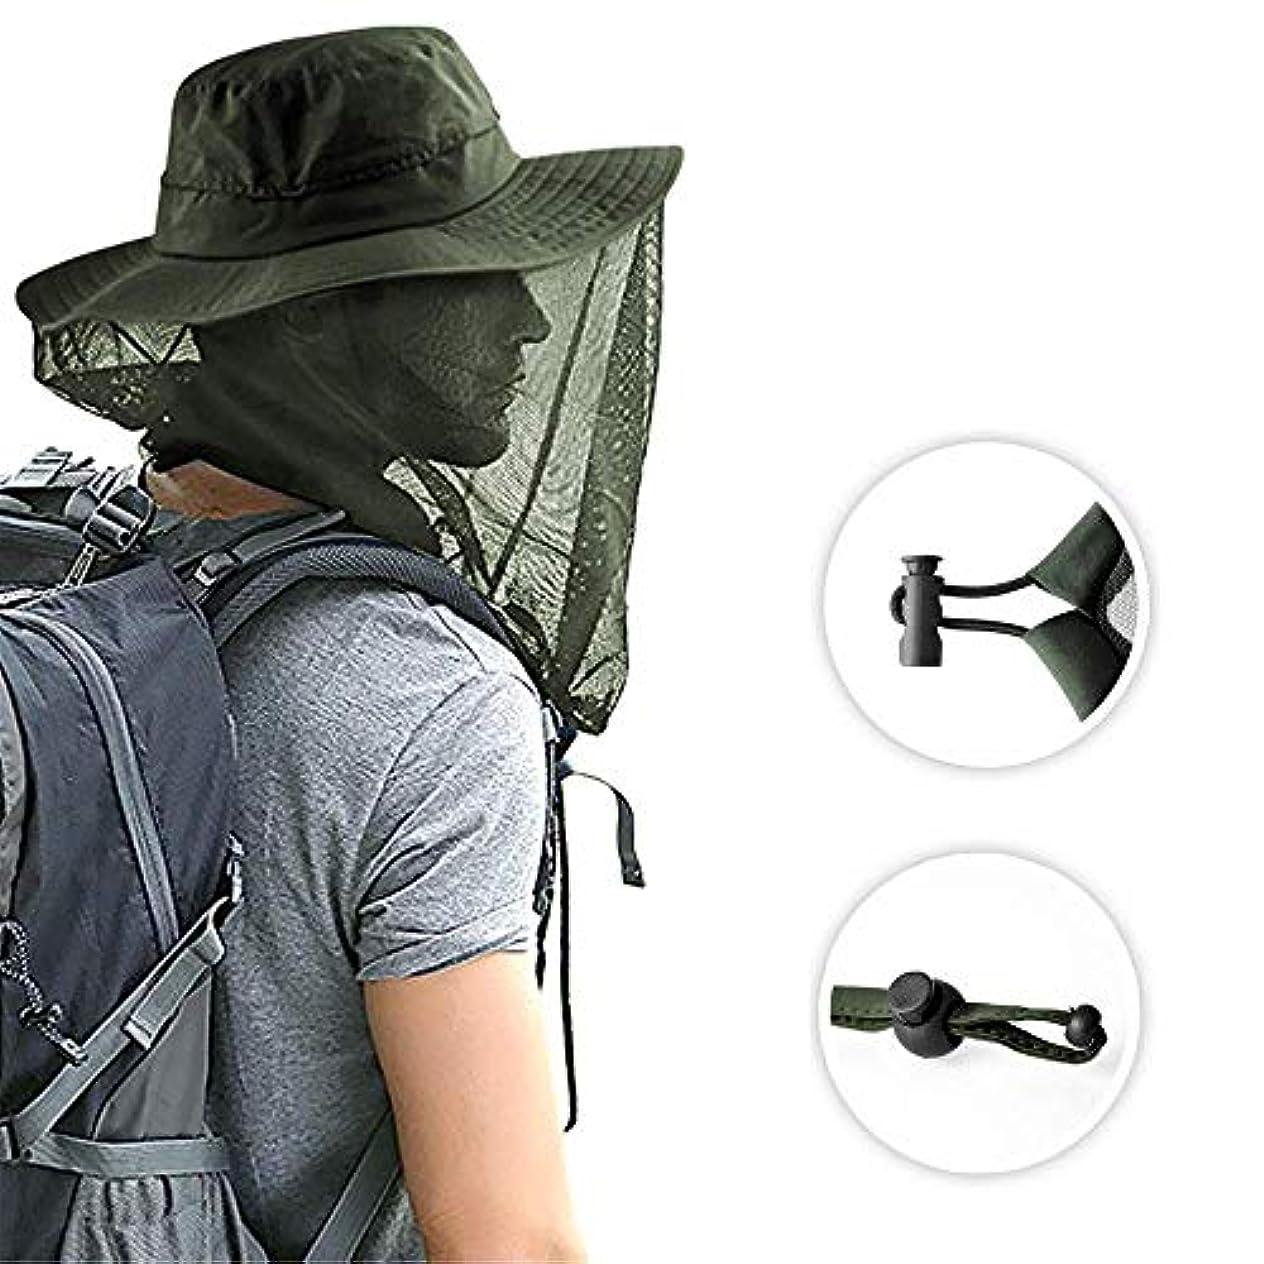 開梱に頼るスケジュール帽子 ネット 虫除け 紫外線対策 釣り ハイキング アウトドア